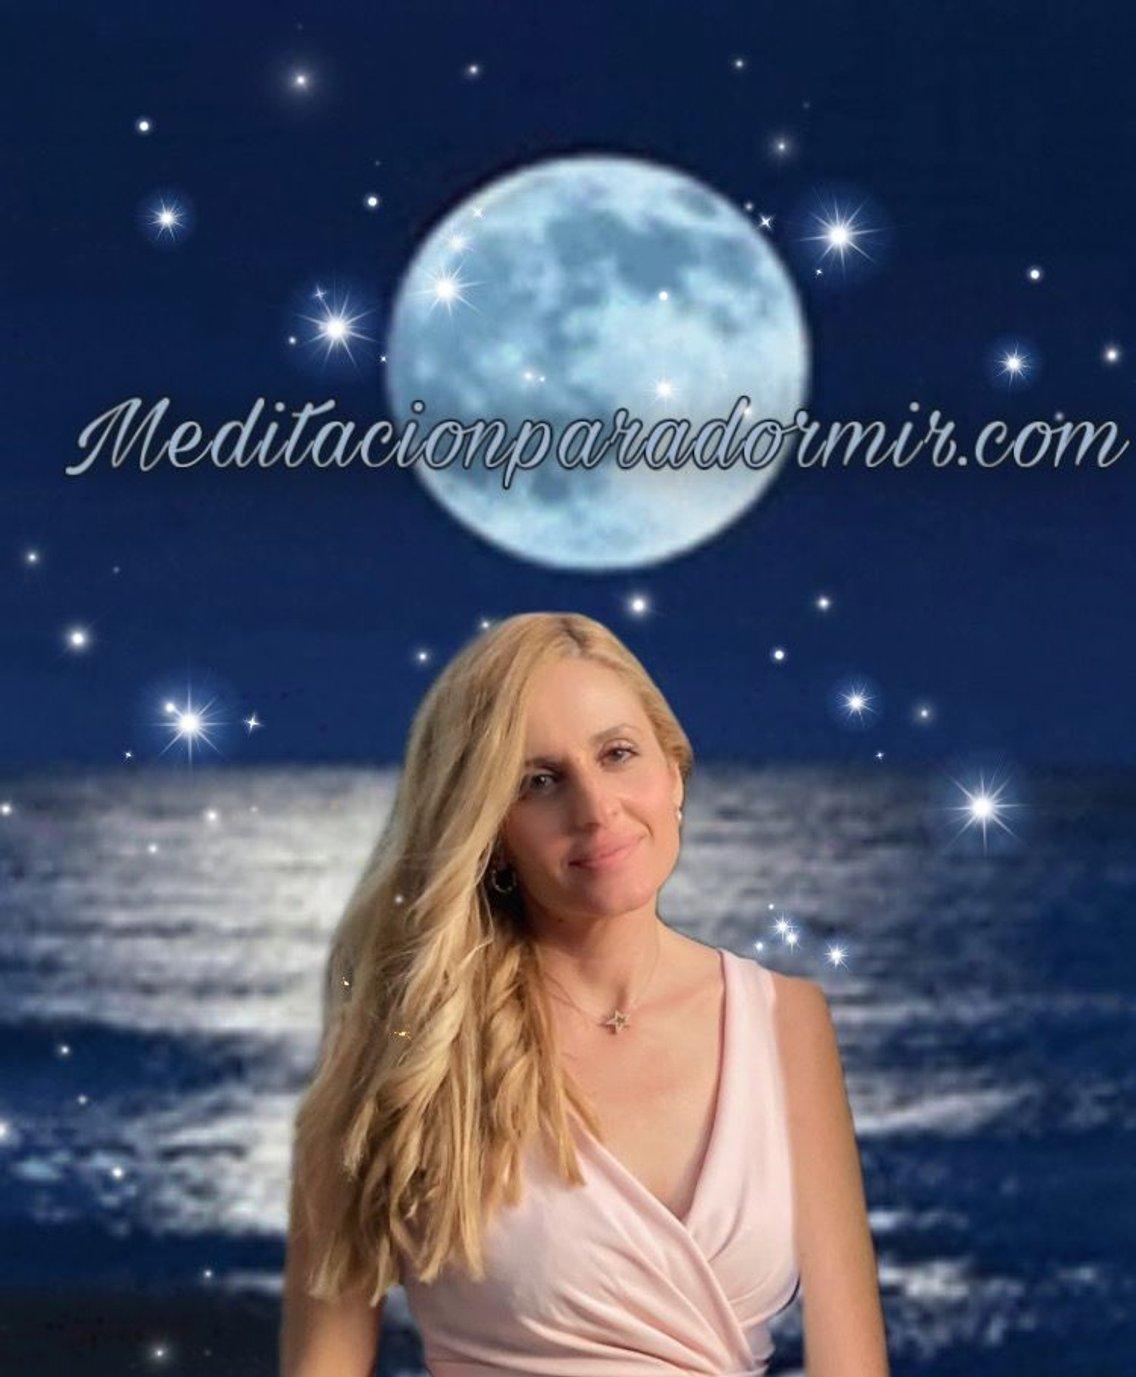 Meditación para dormir - Cover Image